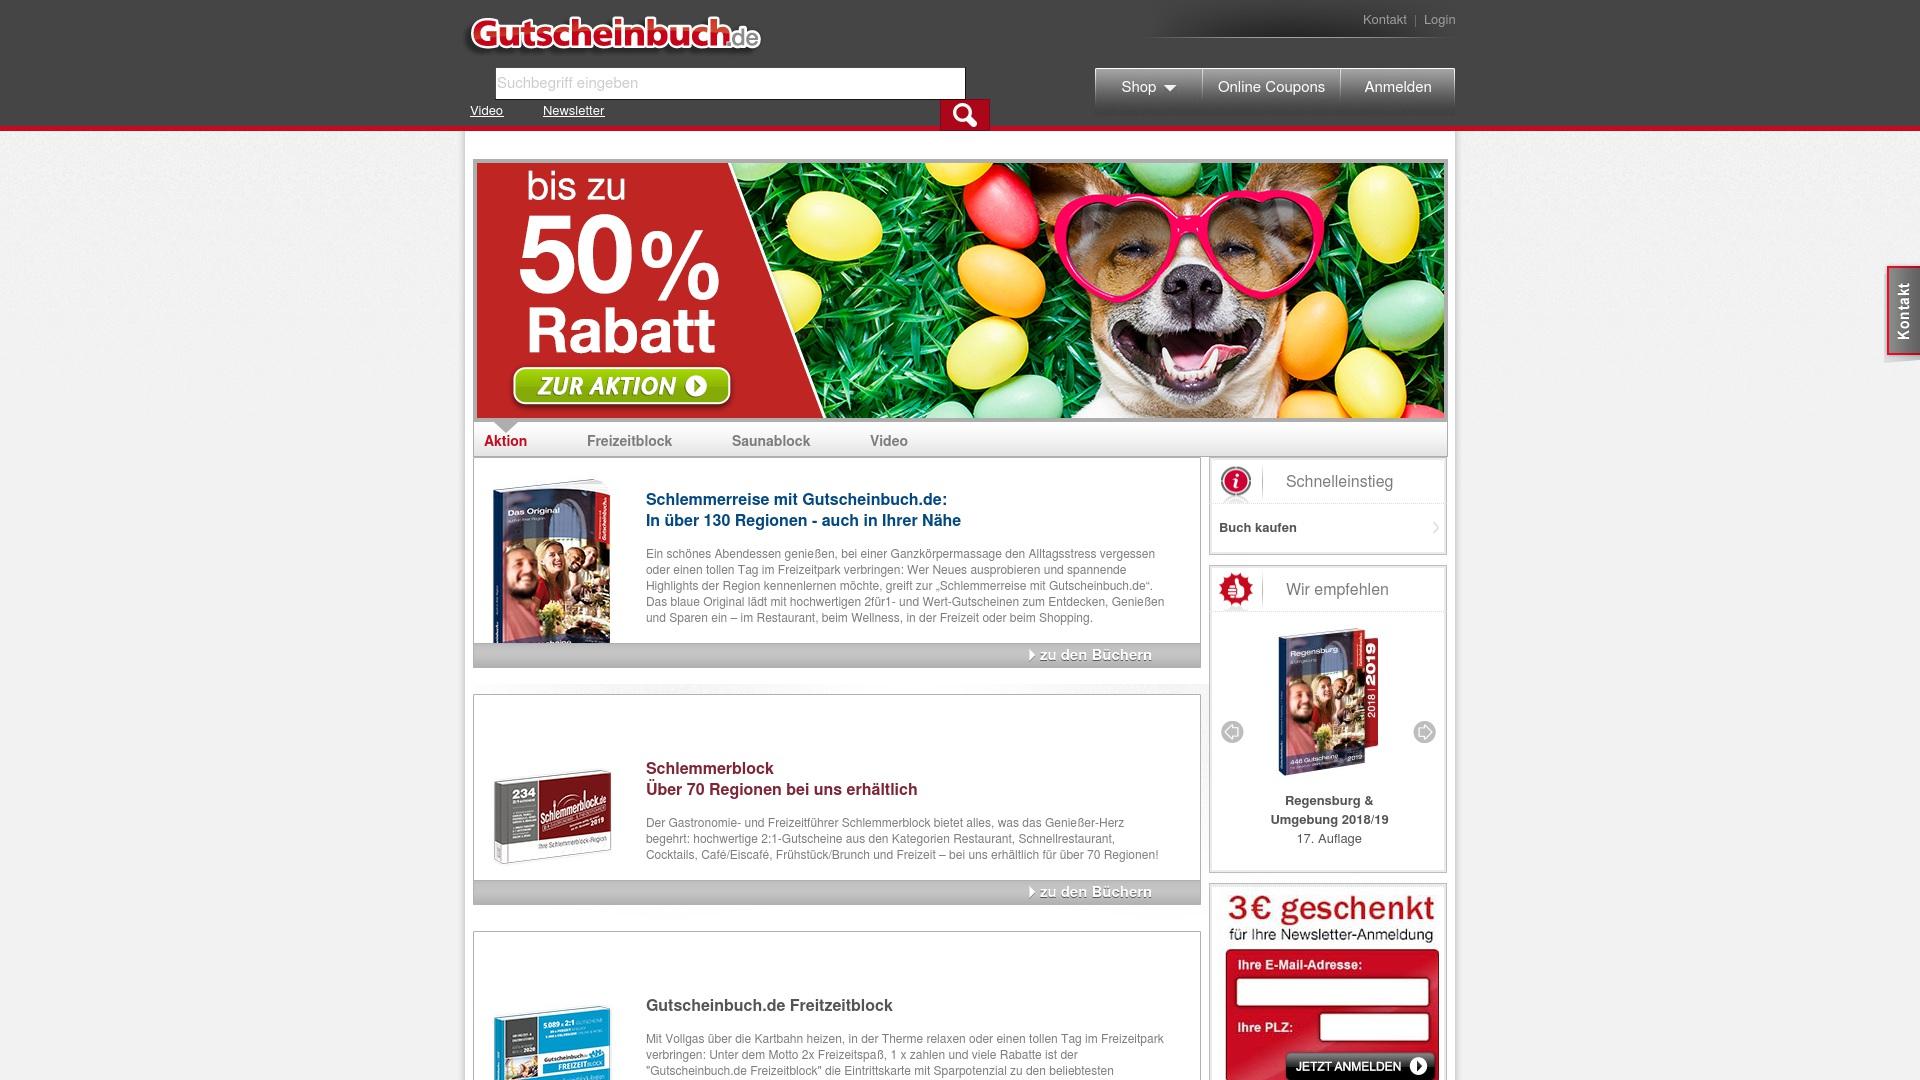 Gutschein für Gutscheinbuch: Rabatte für  Gutscheinbuch sichern